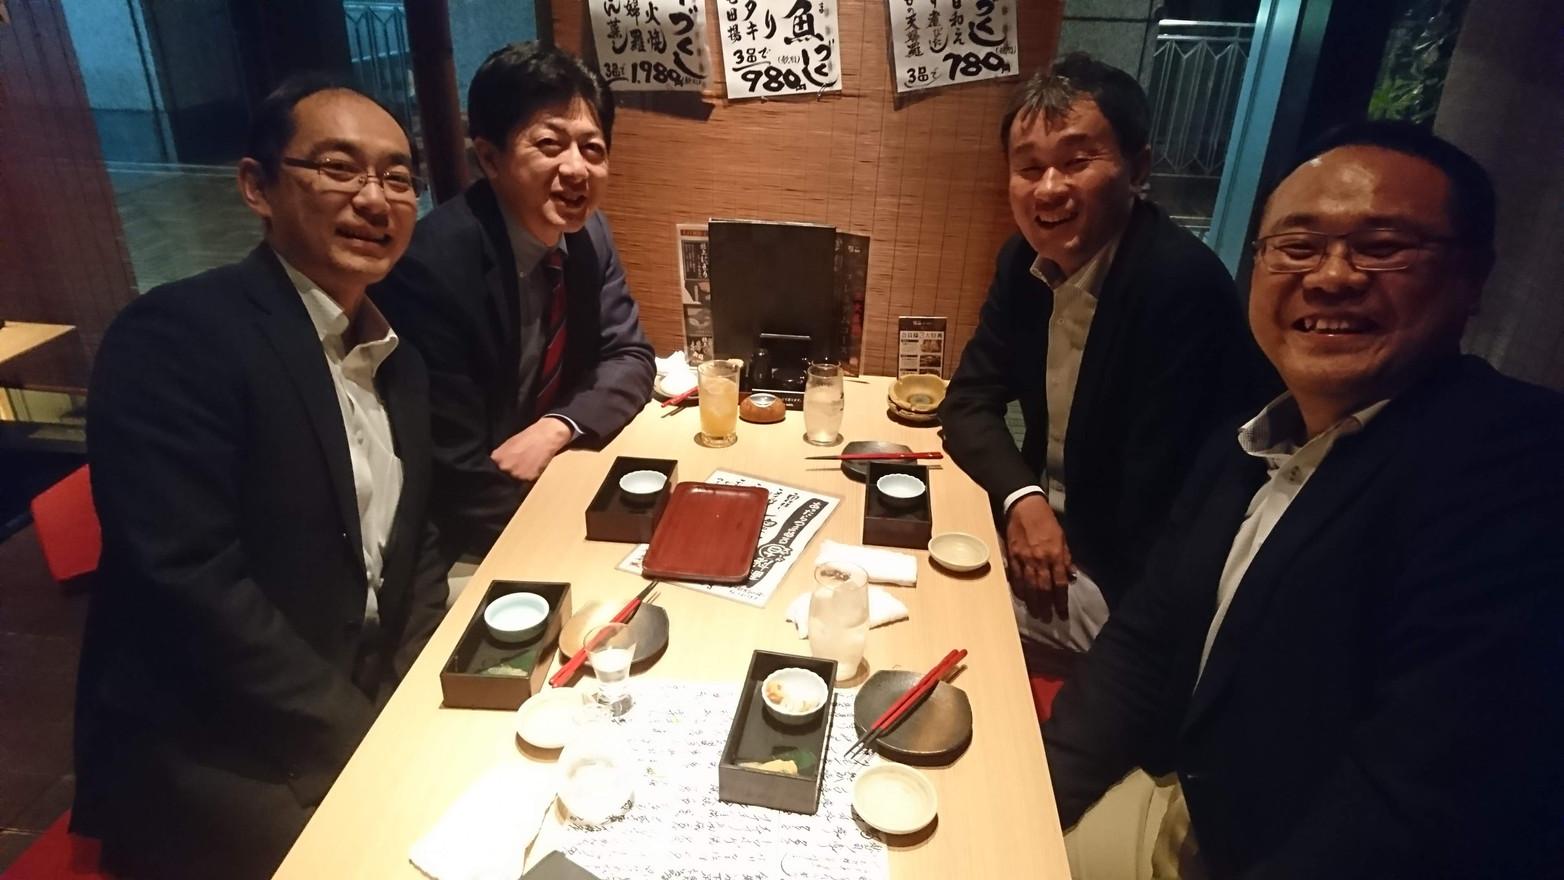 機械式定着報告会2018懇親会@新大阪 (4).jpg